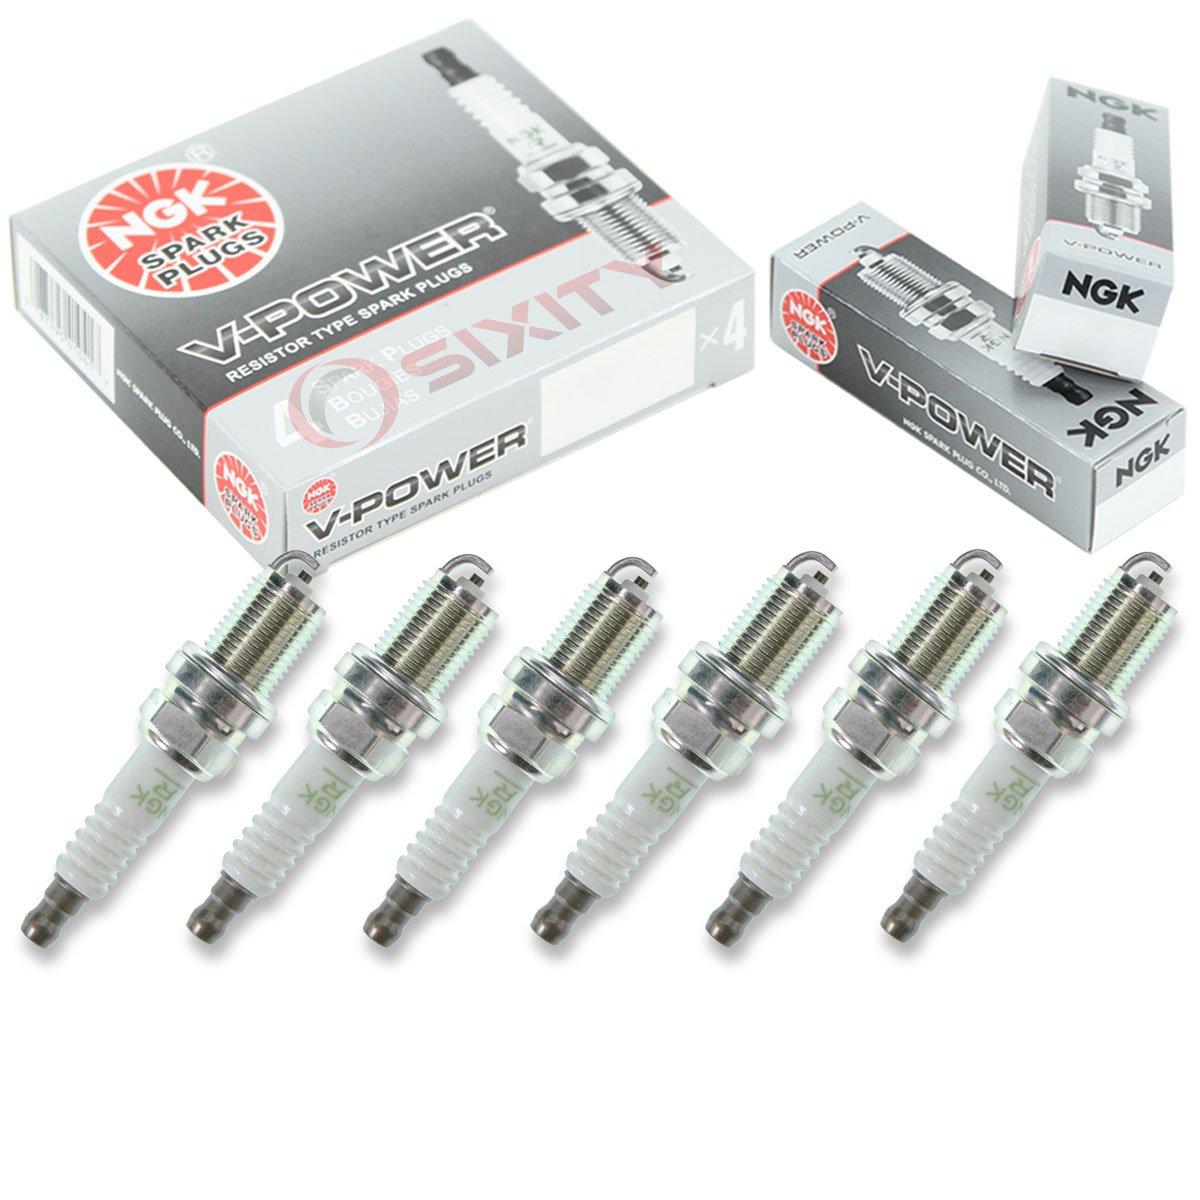 6 pcs NGK V-Power Plug Spark Plugs 2001-2005 BMW 525i 2.5L L6 Kit Set Tune Up